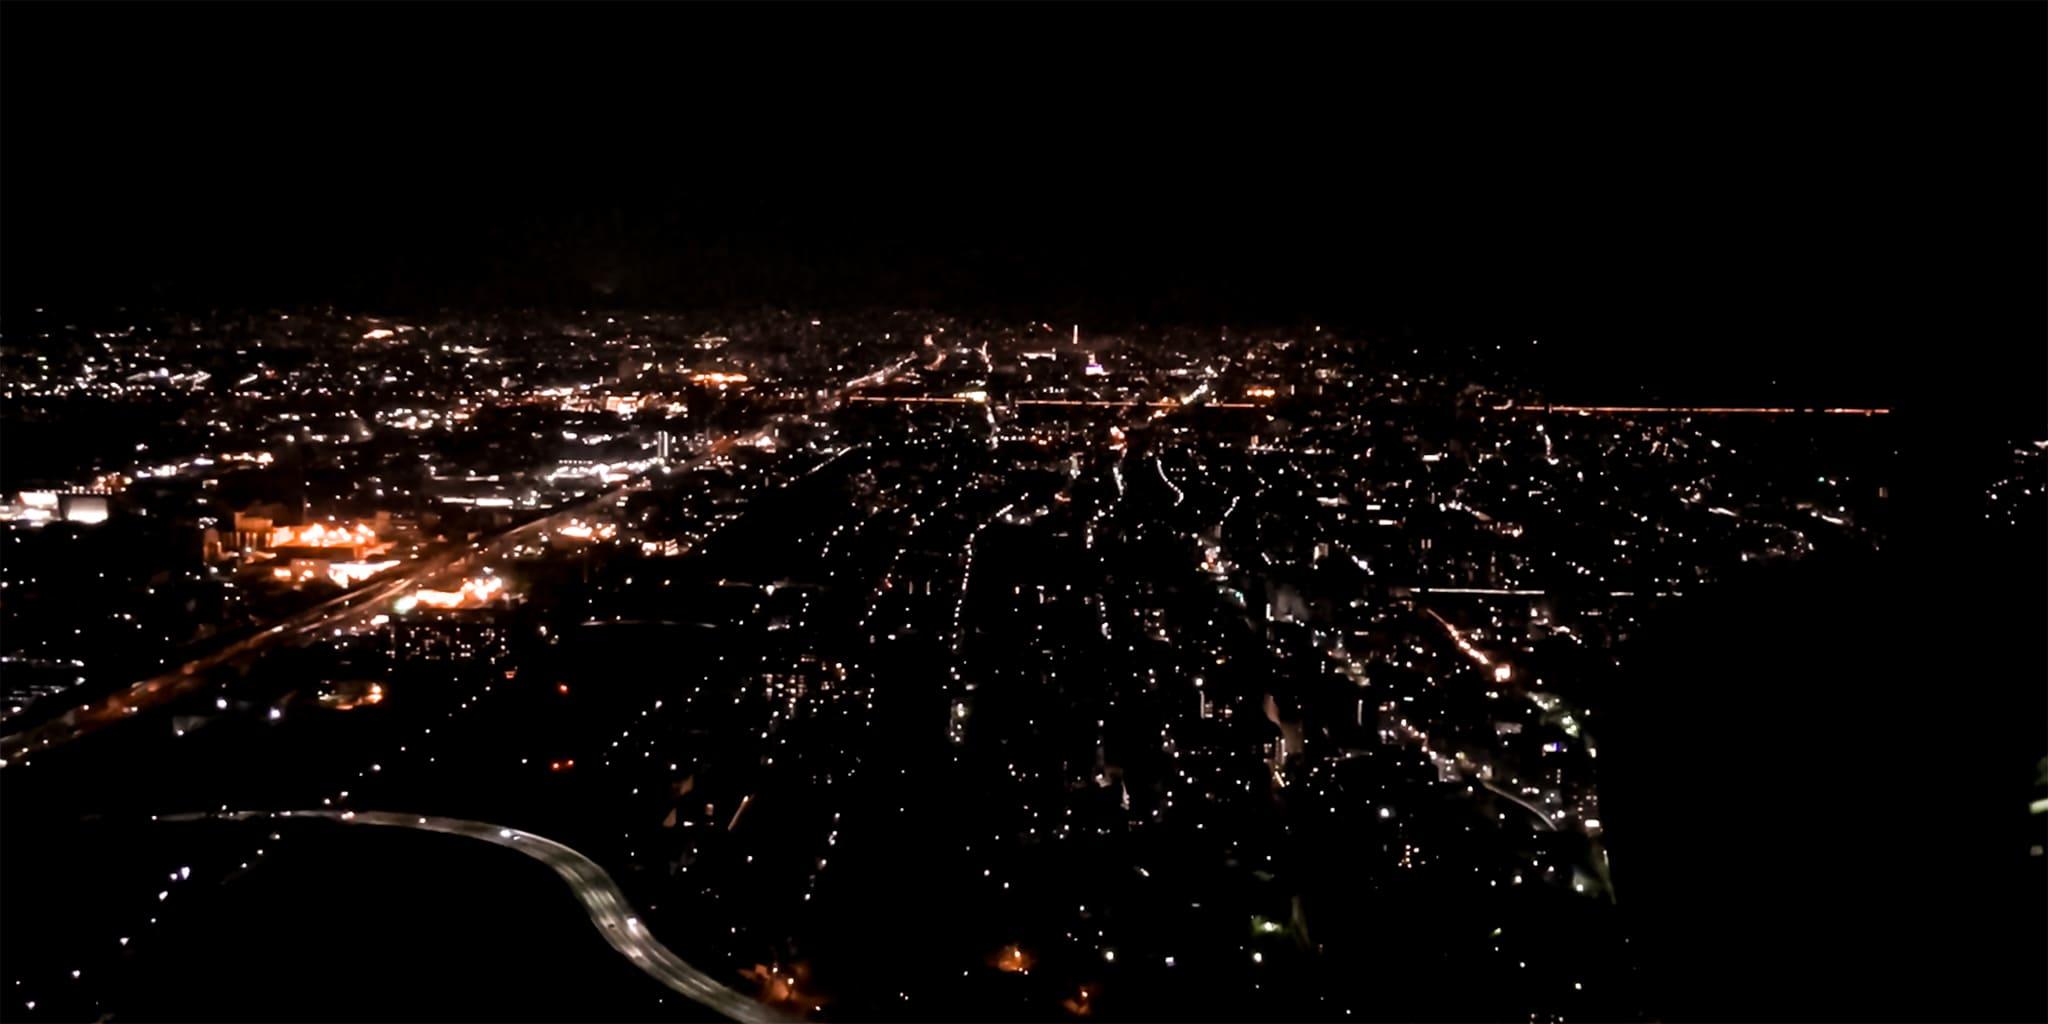 ヘリコプターで京都市内上空から見た京都市内夜景